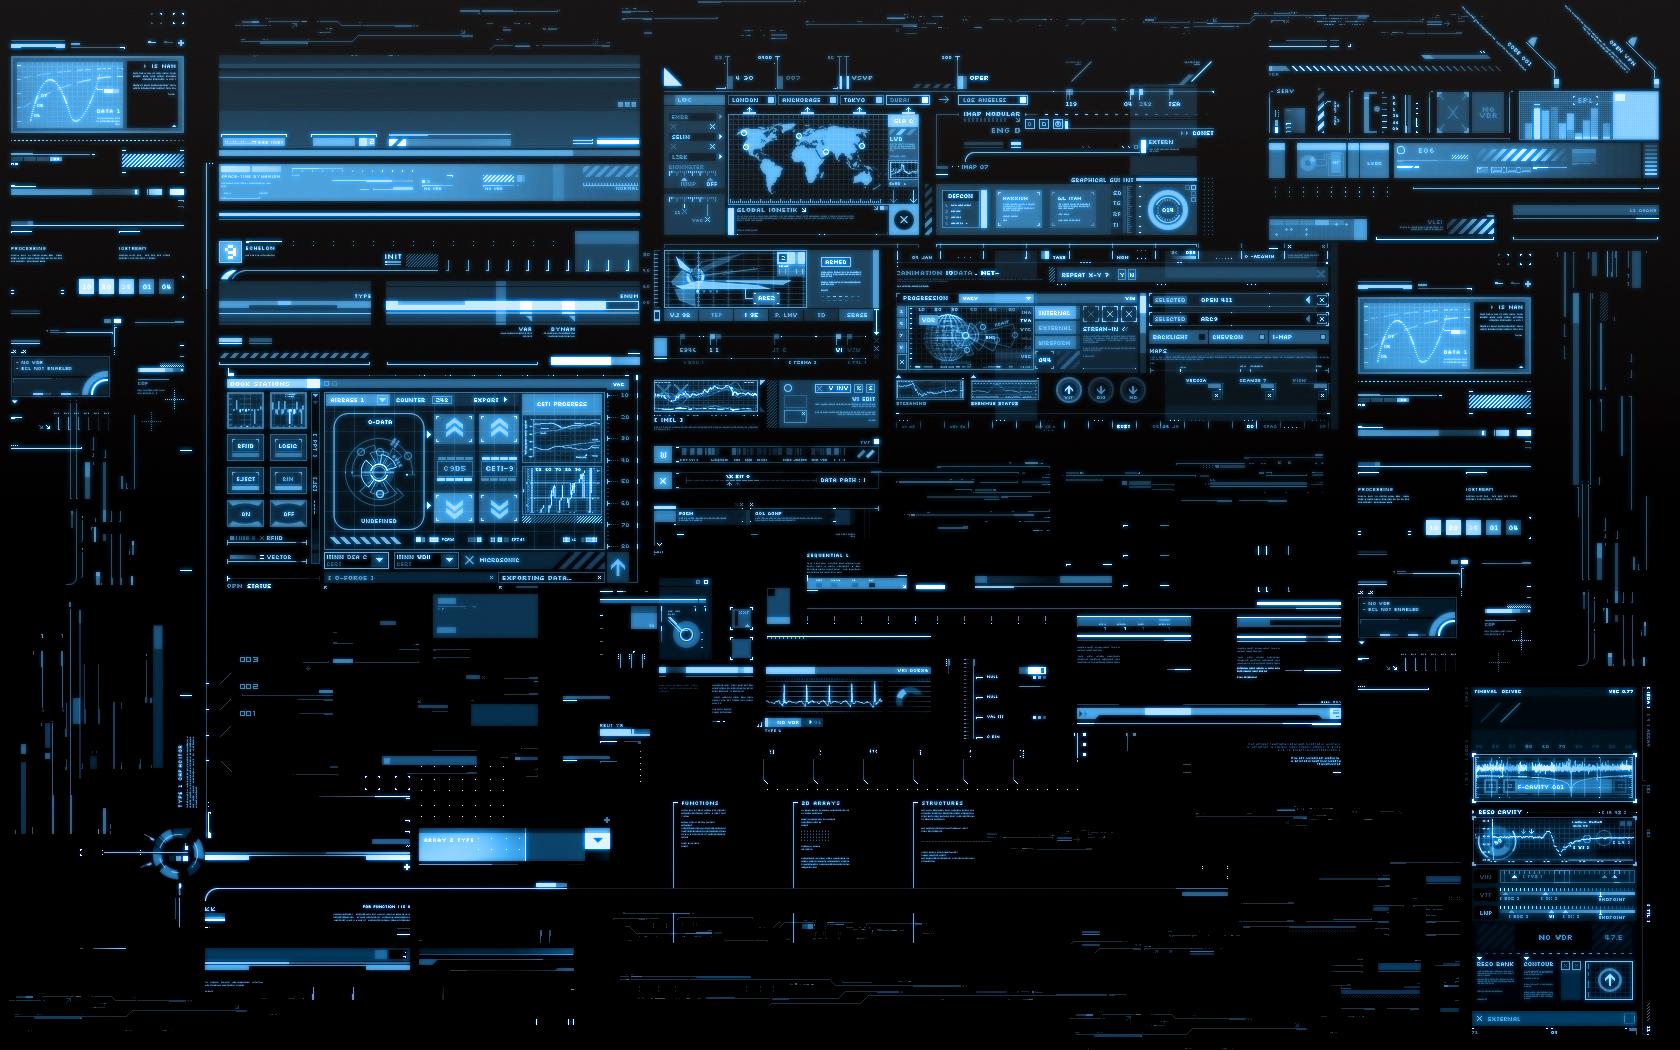 Computer Wallpaper HD - WallpaperSafari